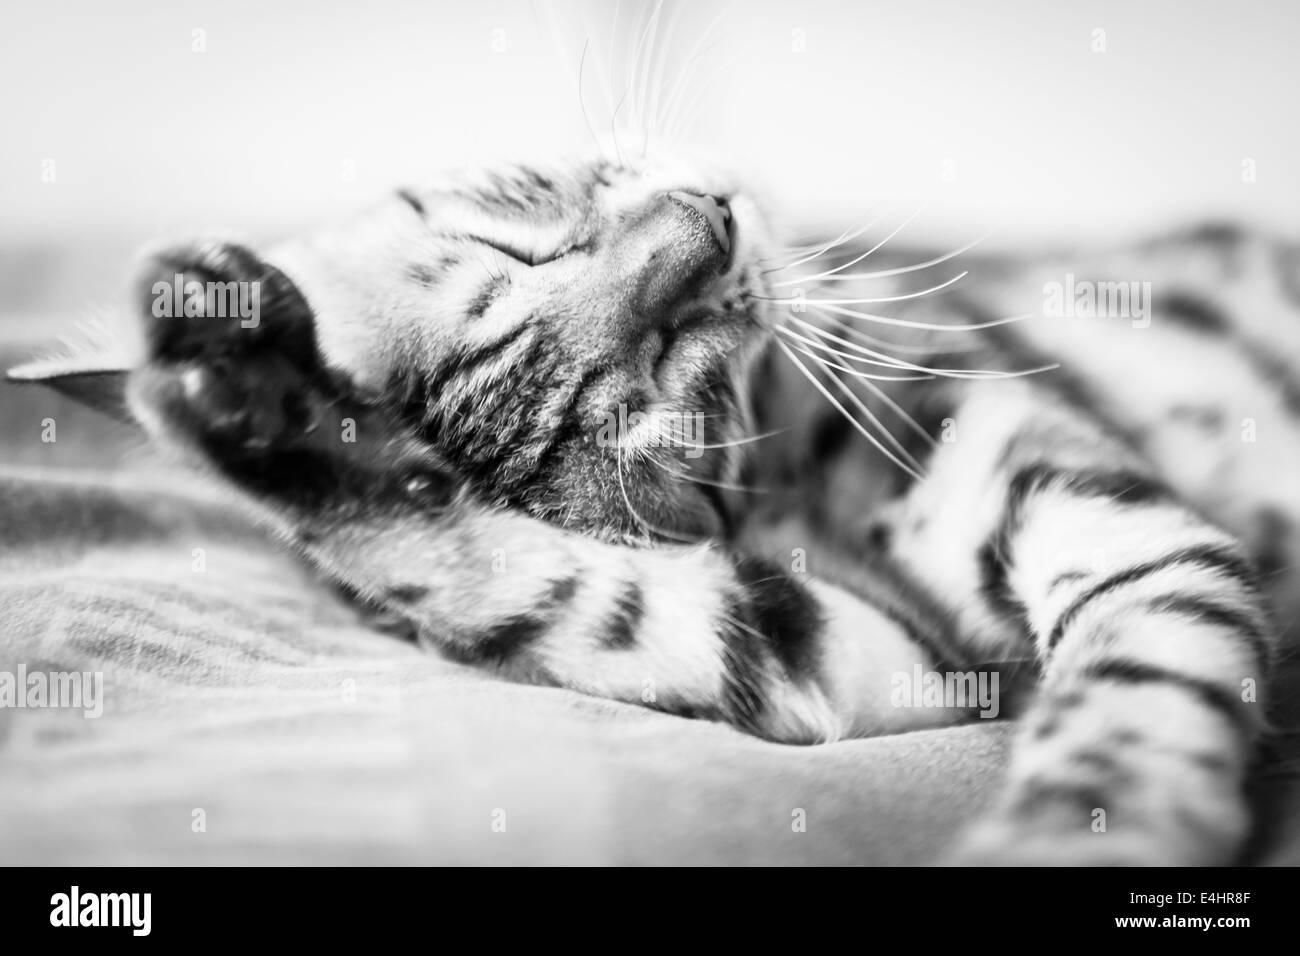 Cat washing itself - Stock Image